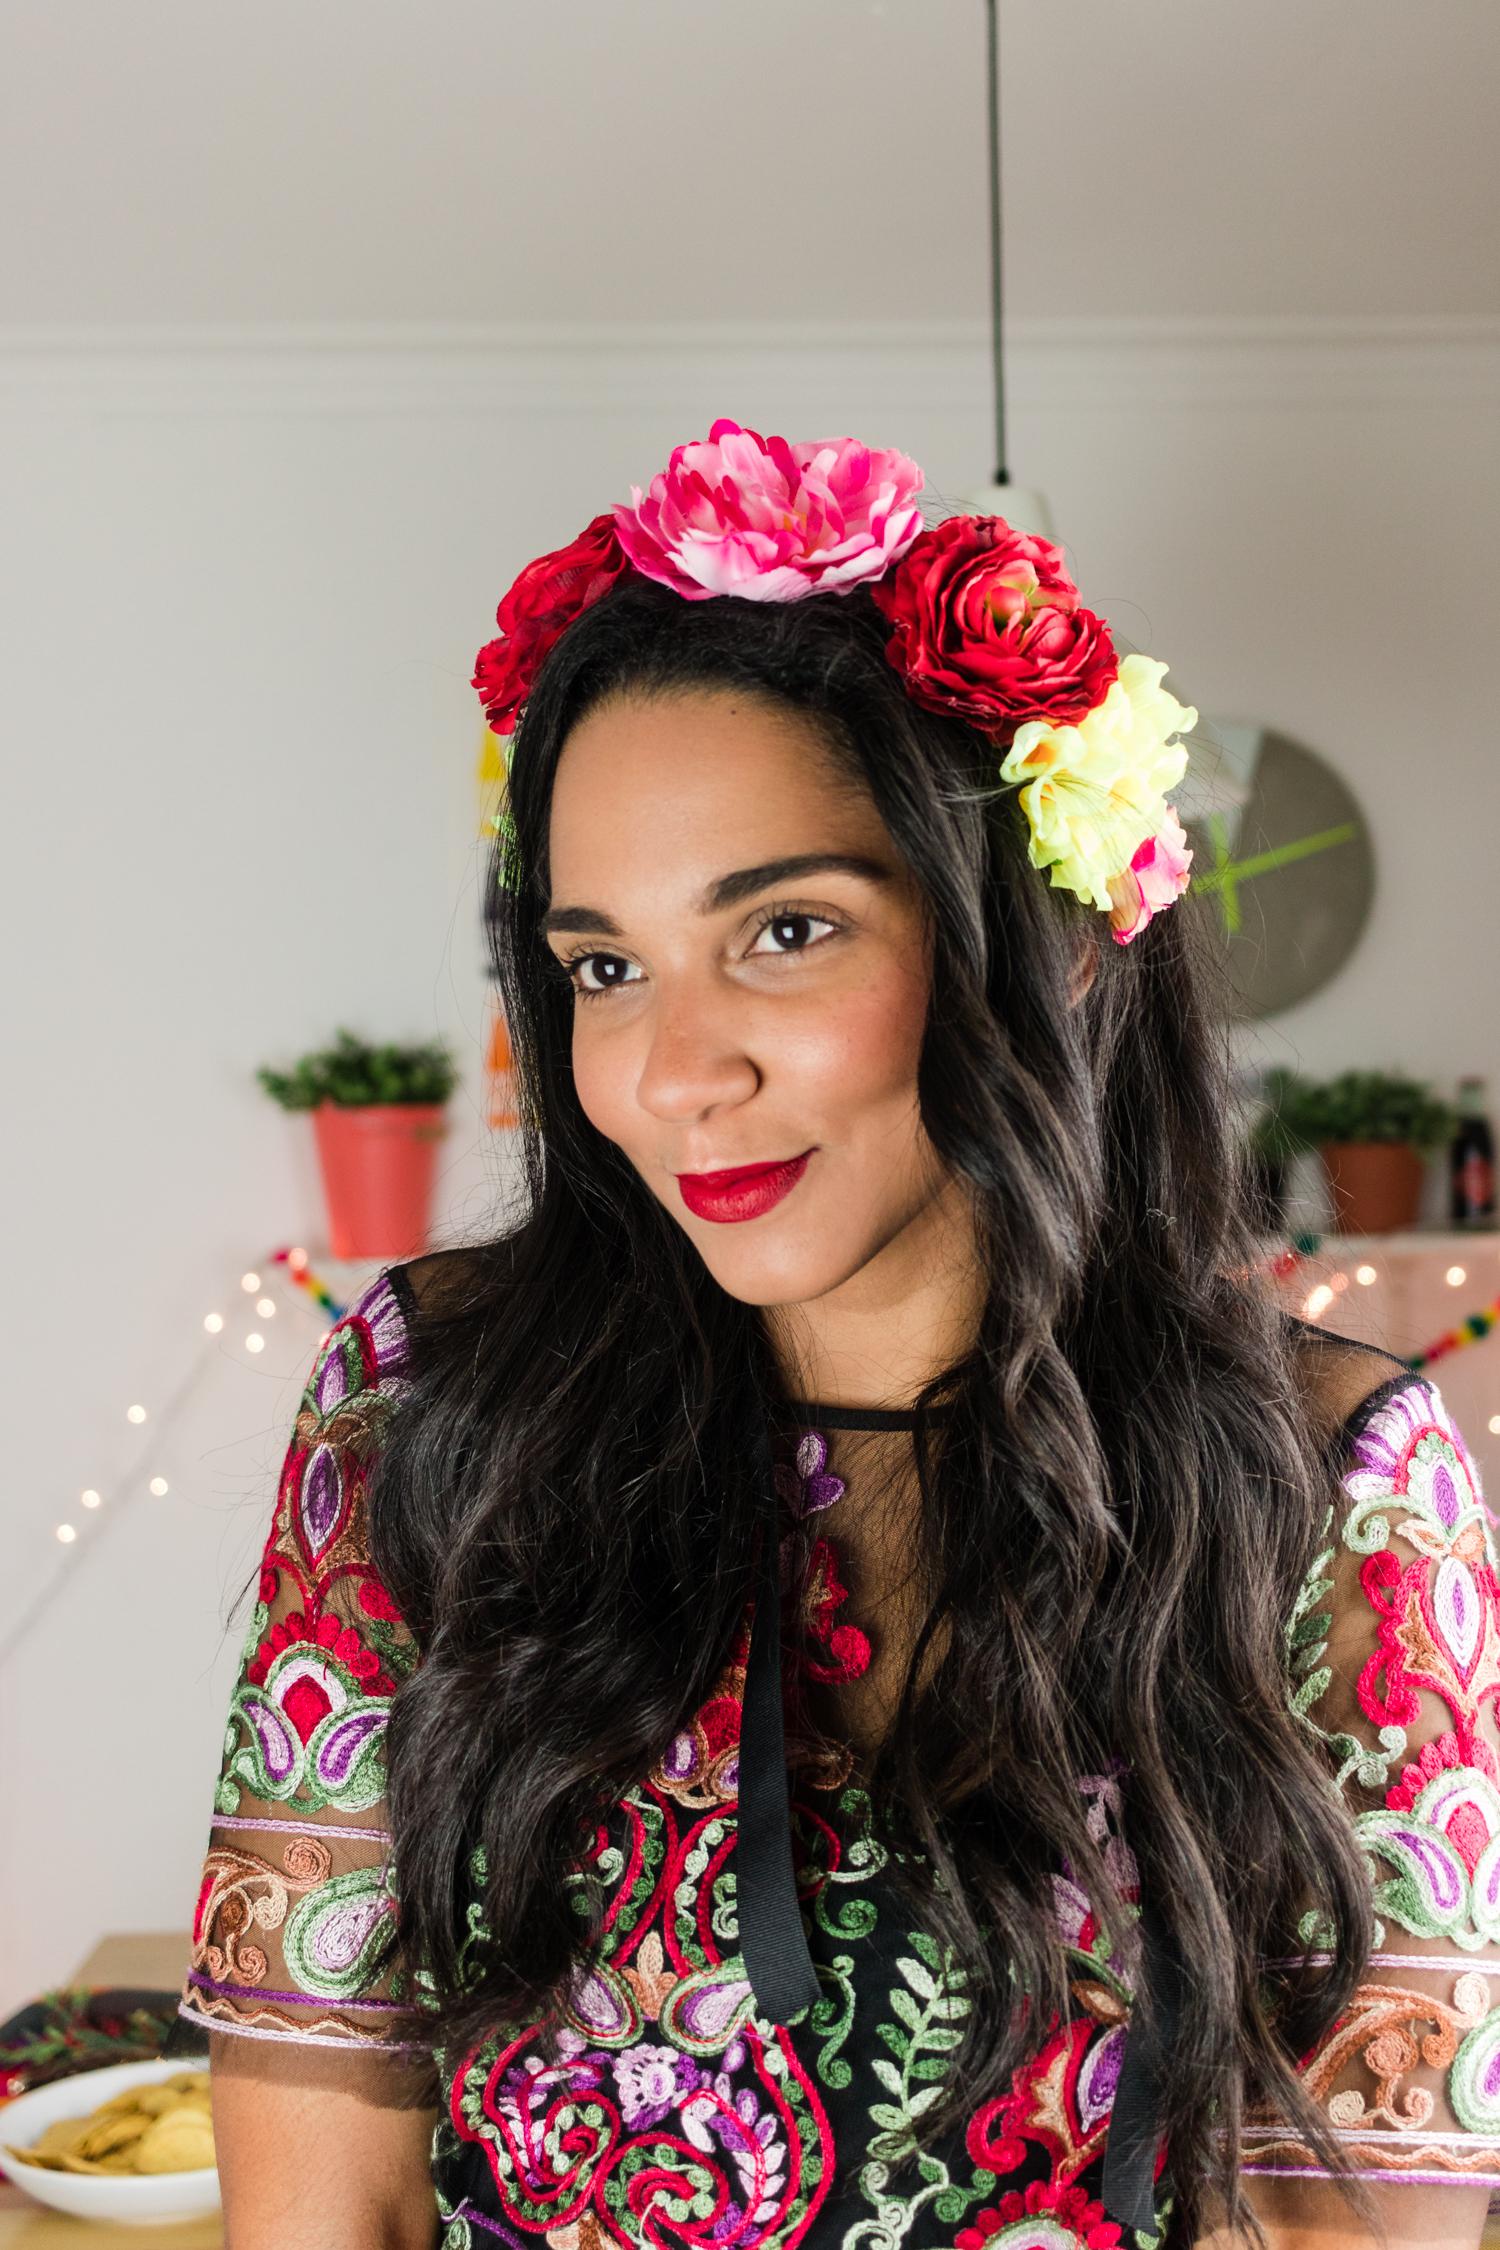 Dress code! - Utiliza una corona de flores a lo Frida Khalo combinado con una atuendo de flores o brocado bien llamativo y colorido